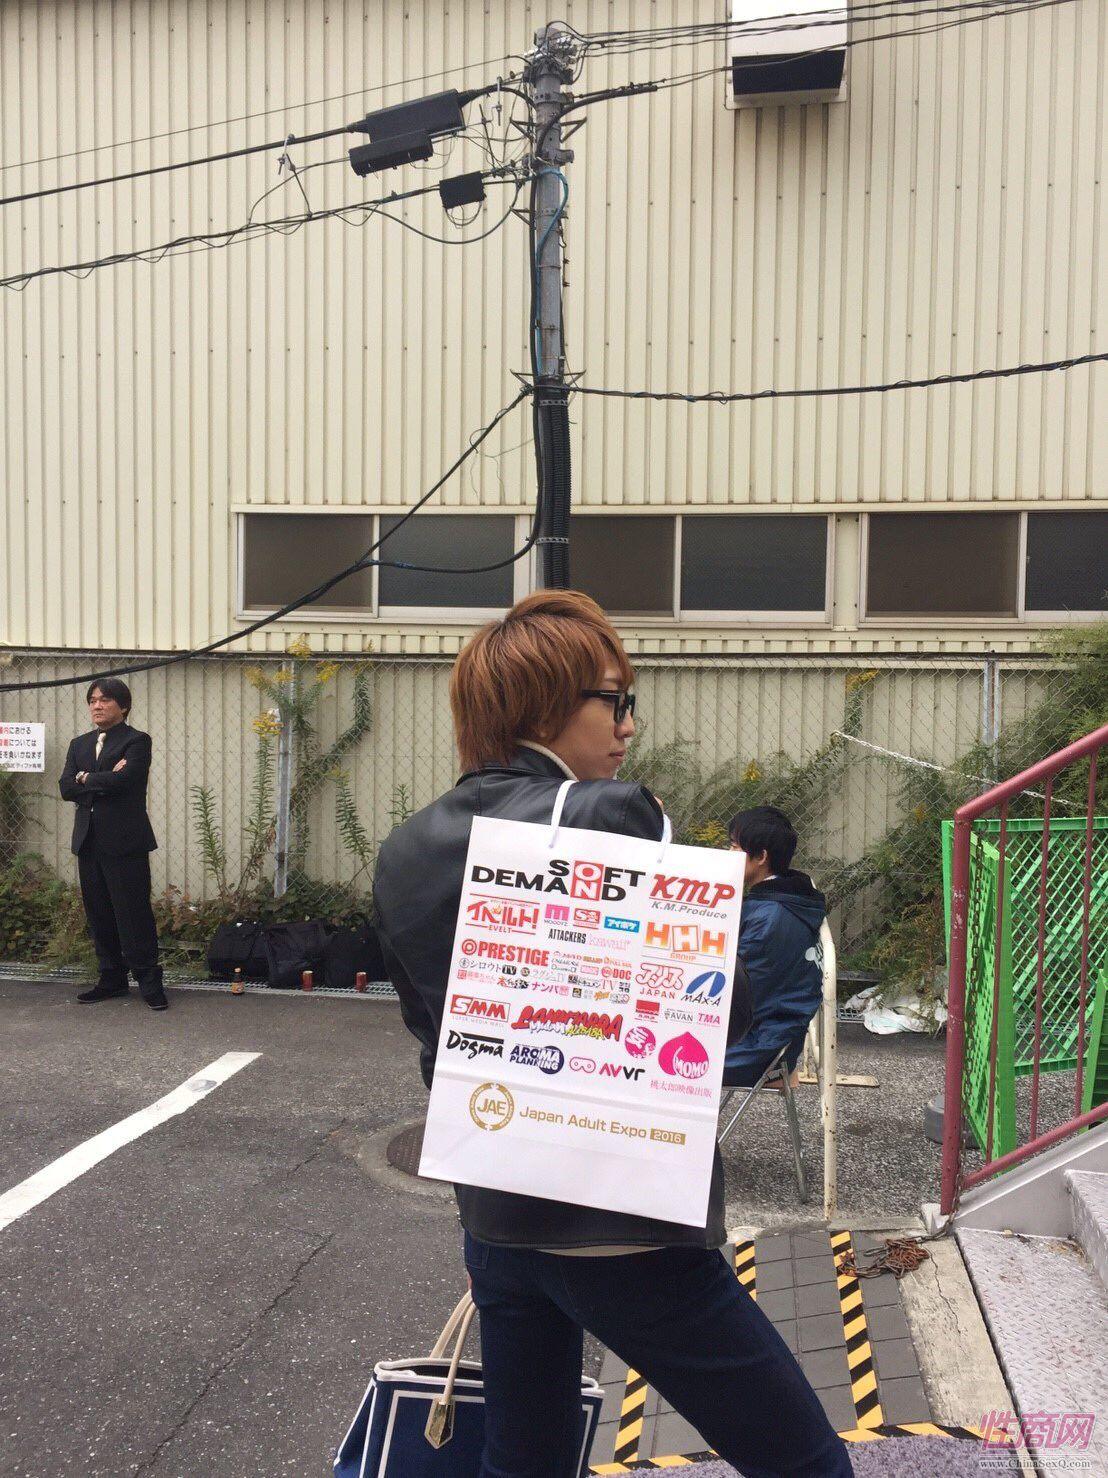 2016日本成人展JapanAdultExpo展会现场2图片11